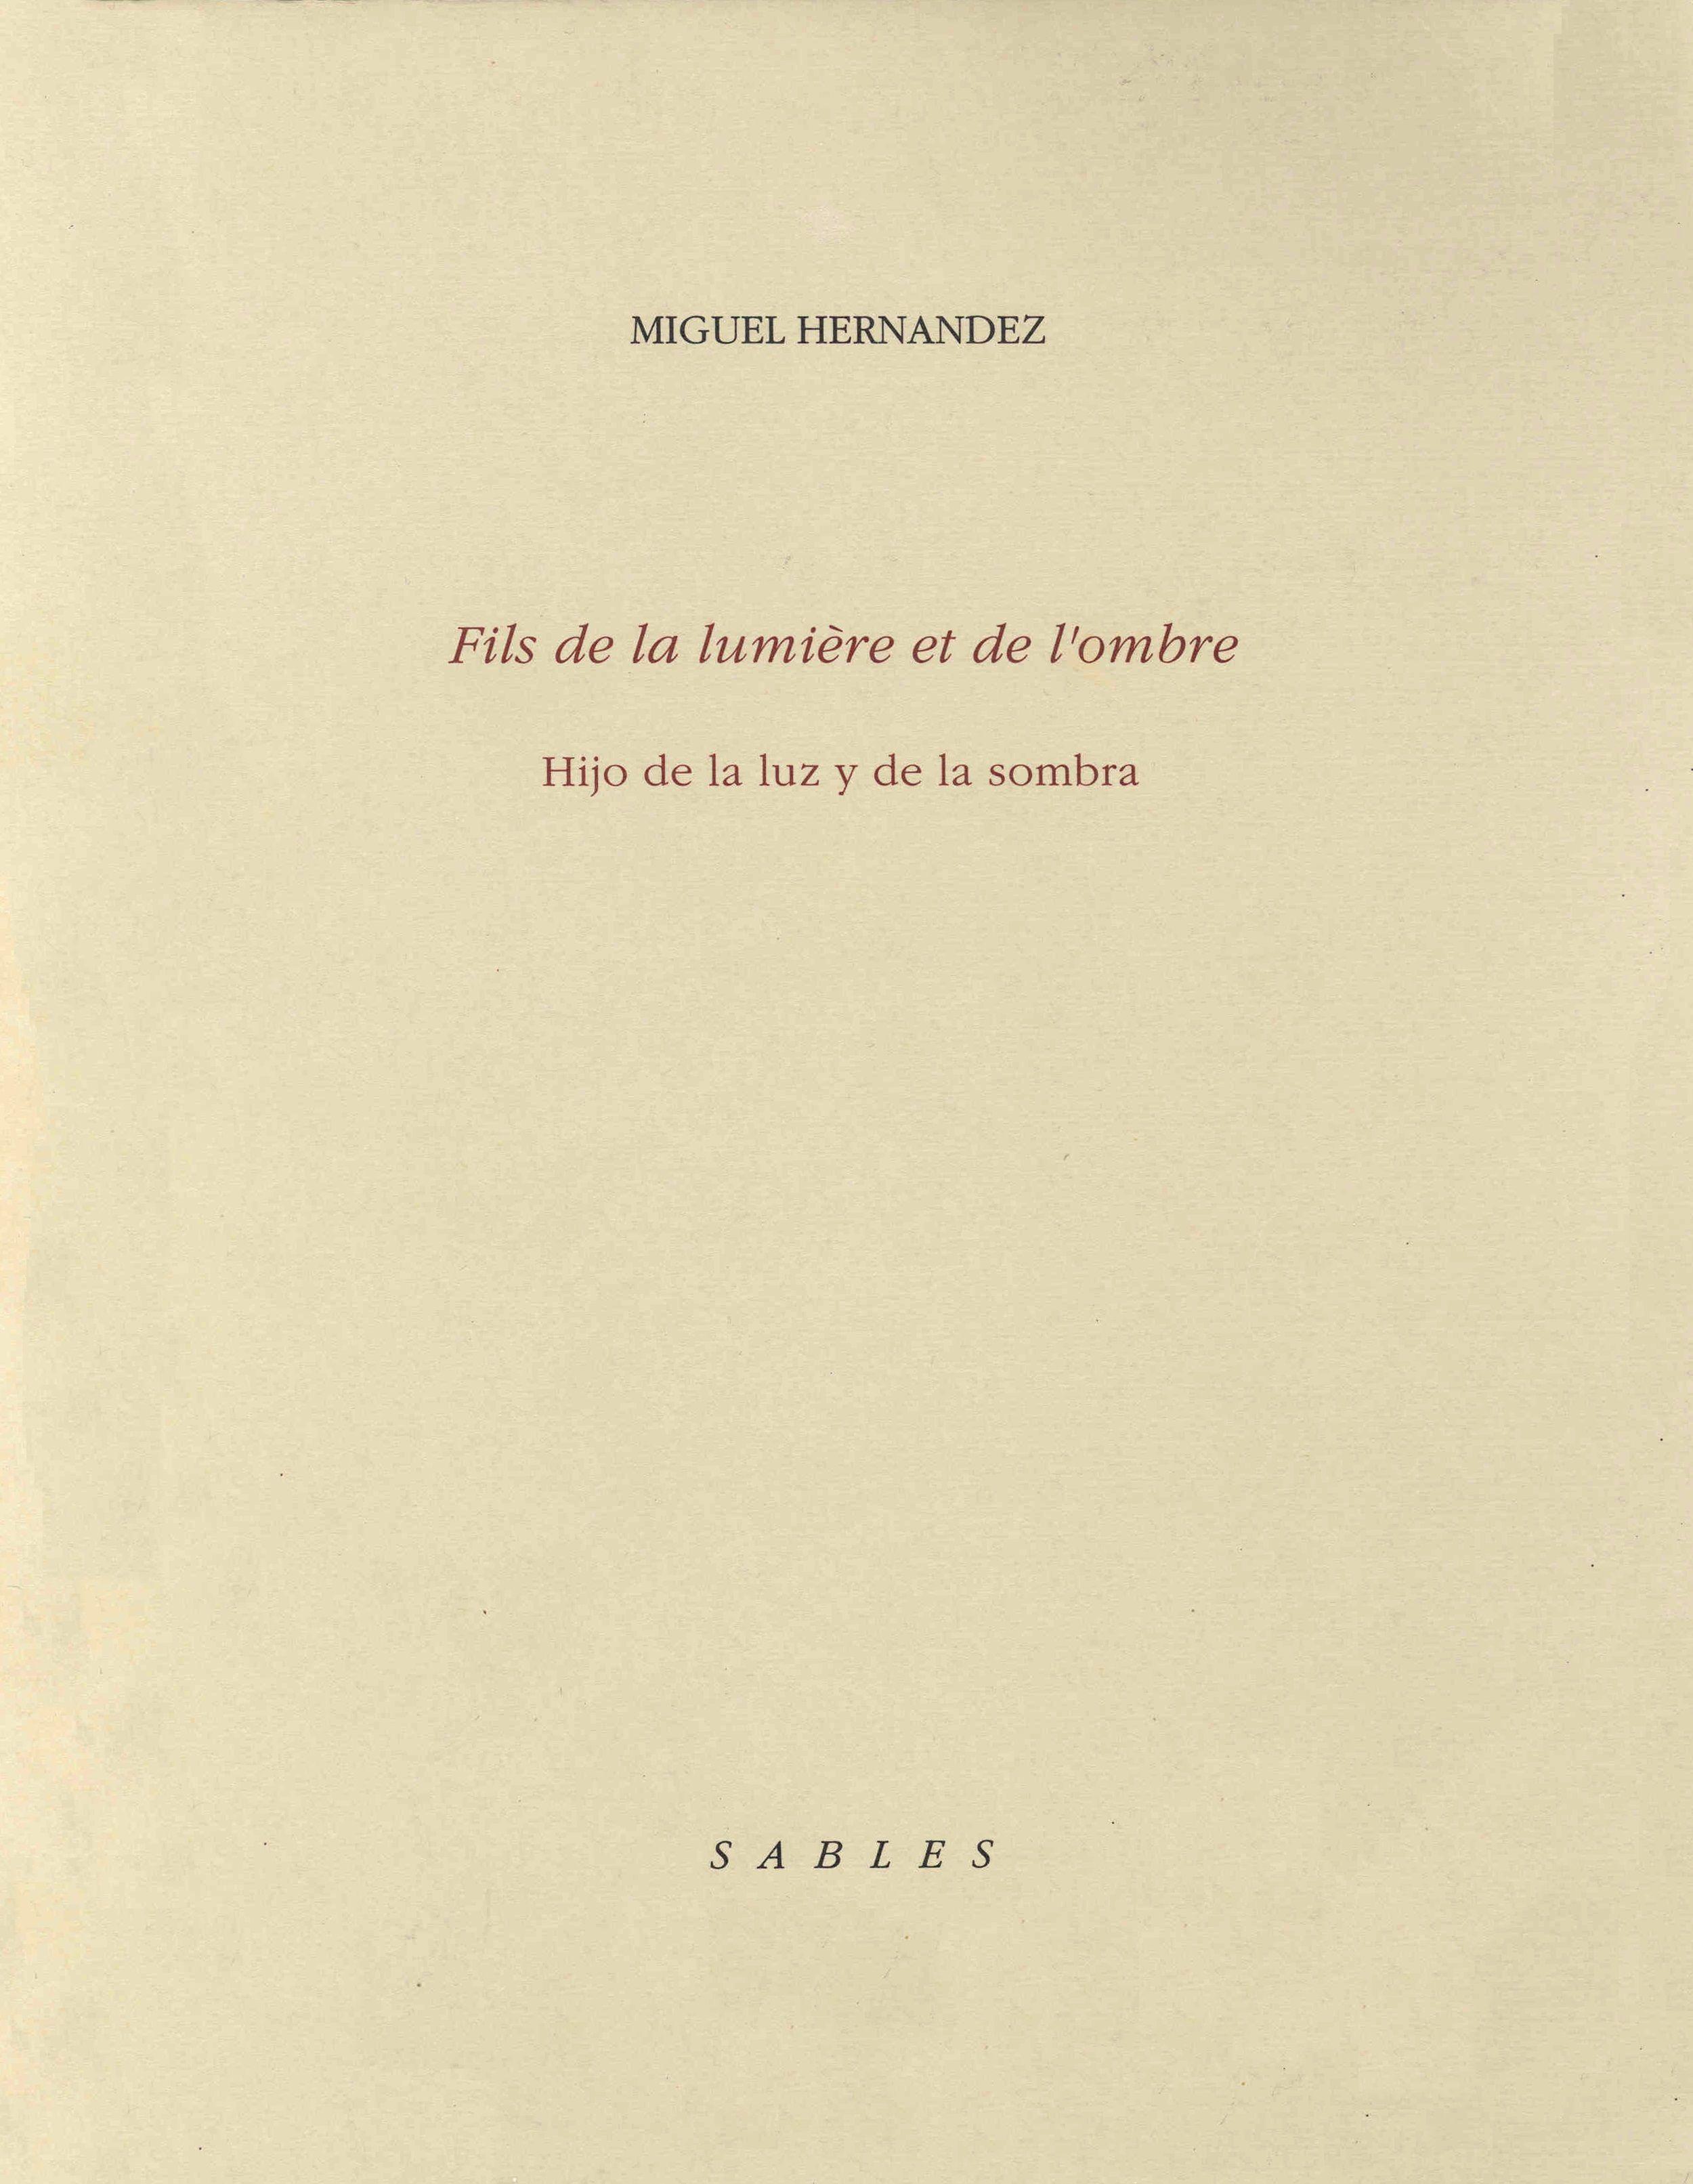 Fils De La Lumière Et De L Ombre Hijo De La Luz Y De La Sombra Miguel Hernández 1993 Sombras Hijos